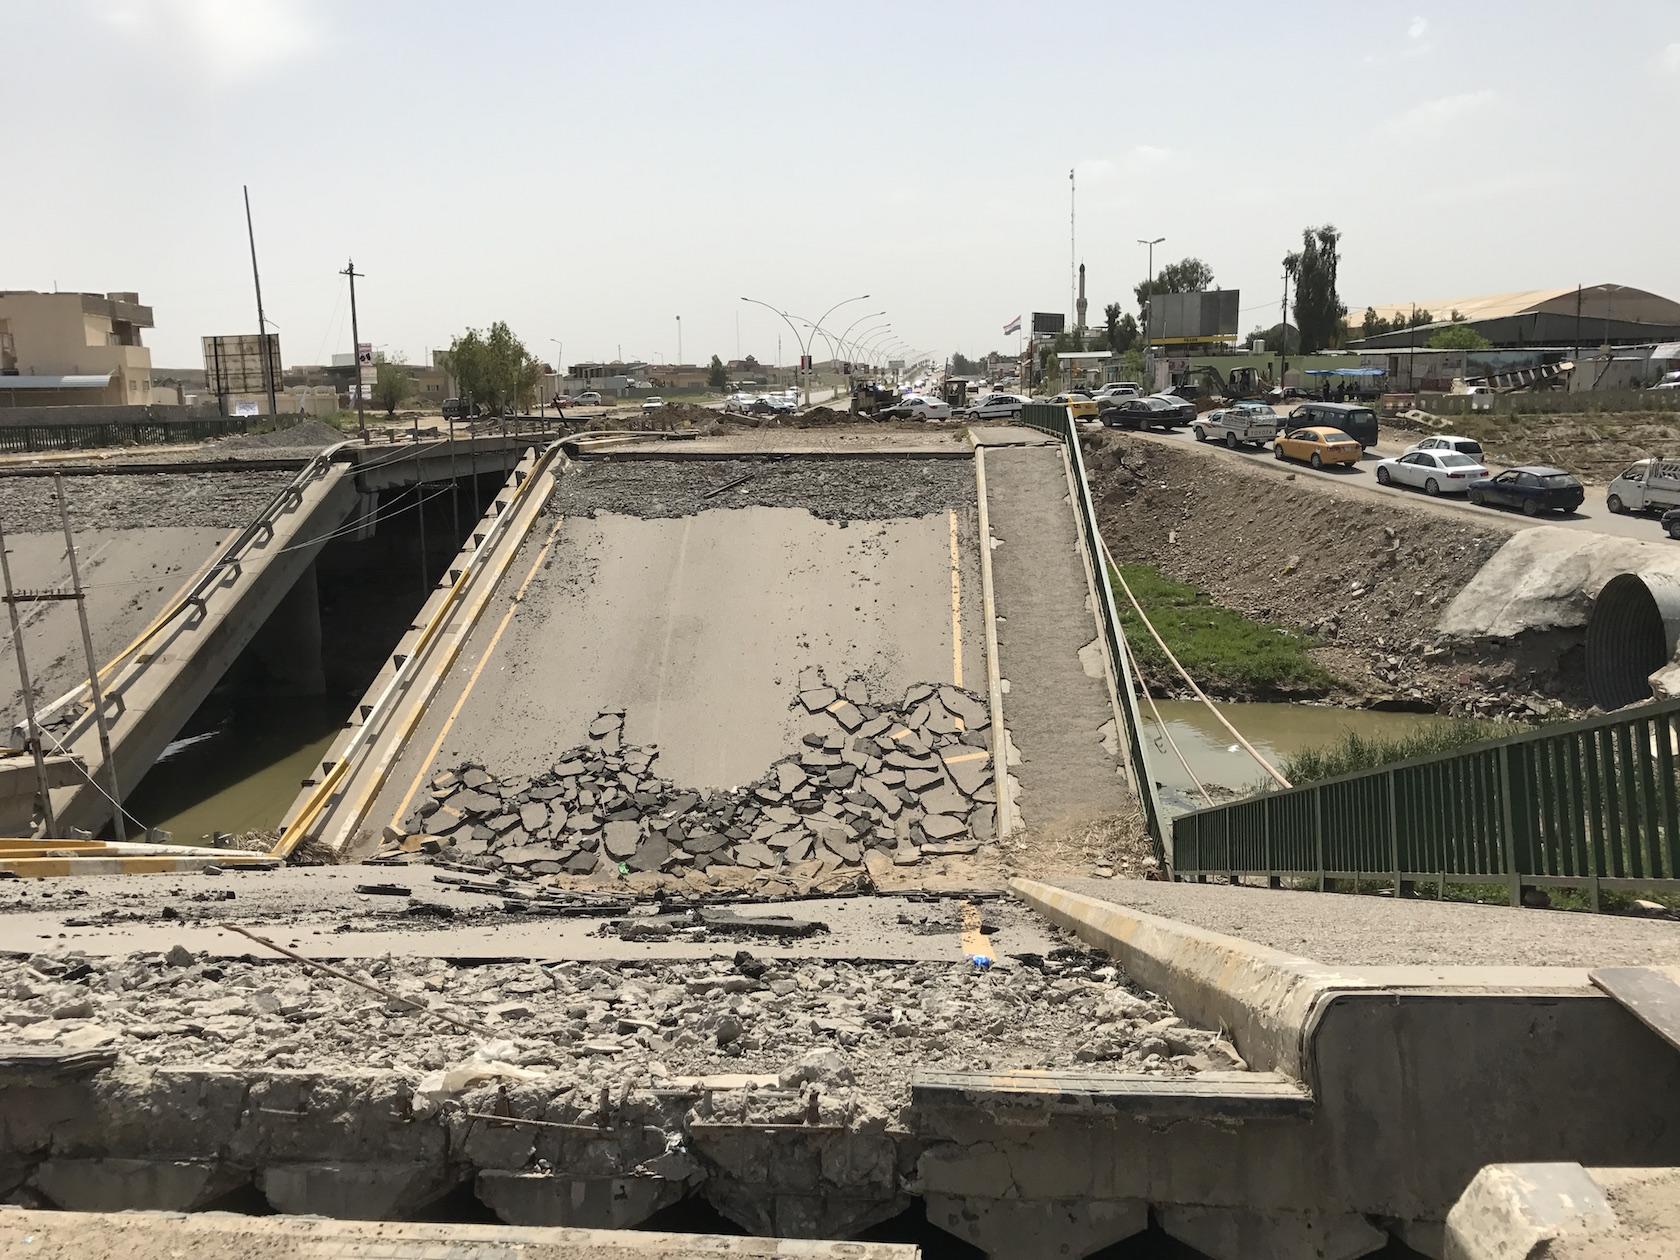 हवाई हमलों में मोसुल के पुल और फ्लाईओवर बुरी तरह नष्ट हो चुके हैं. फोटो क्रेडिट :सुप्रिया शर्मा